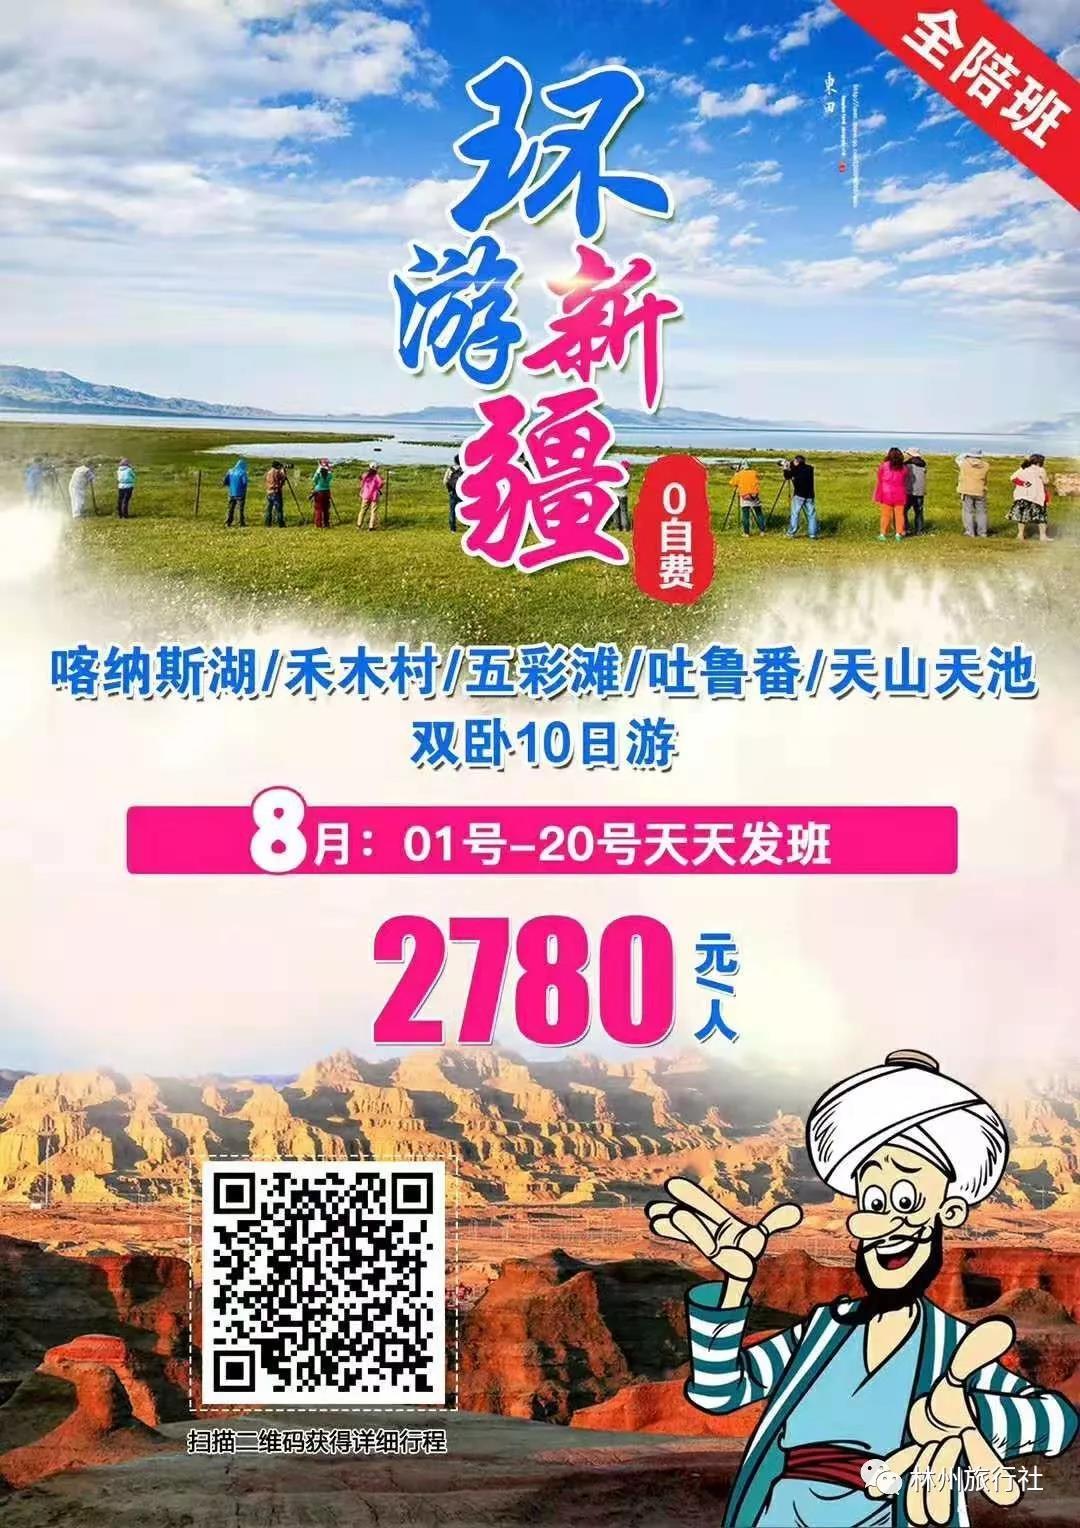 林州到新疆